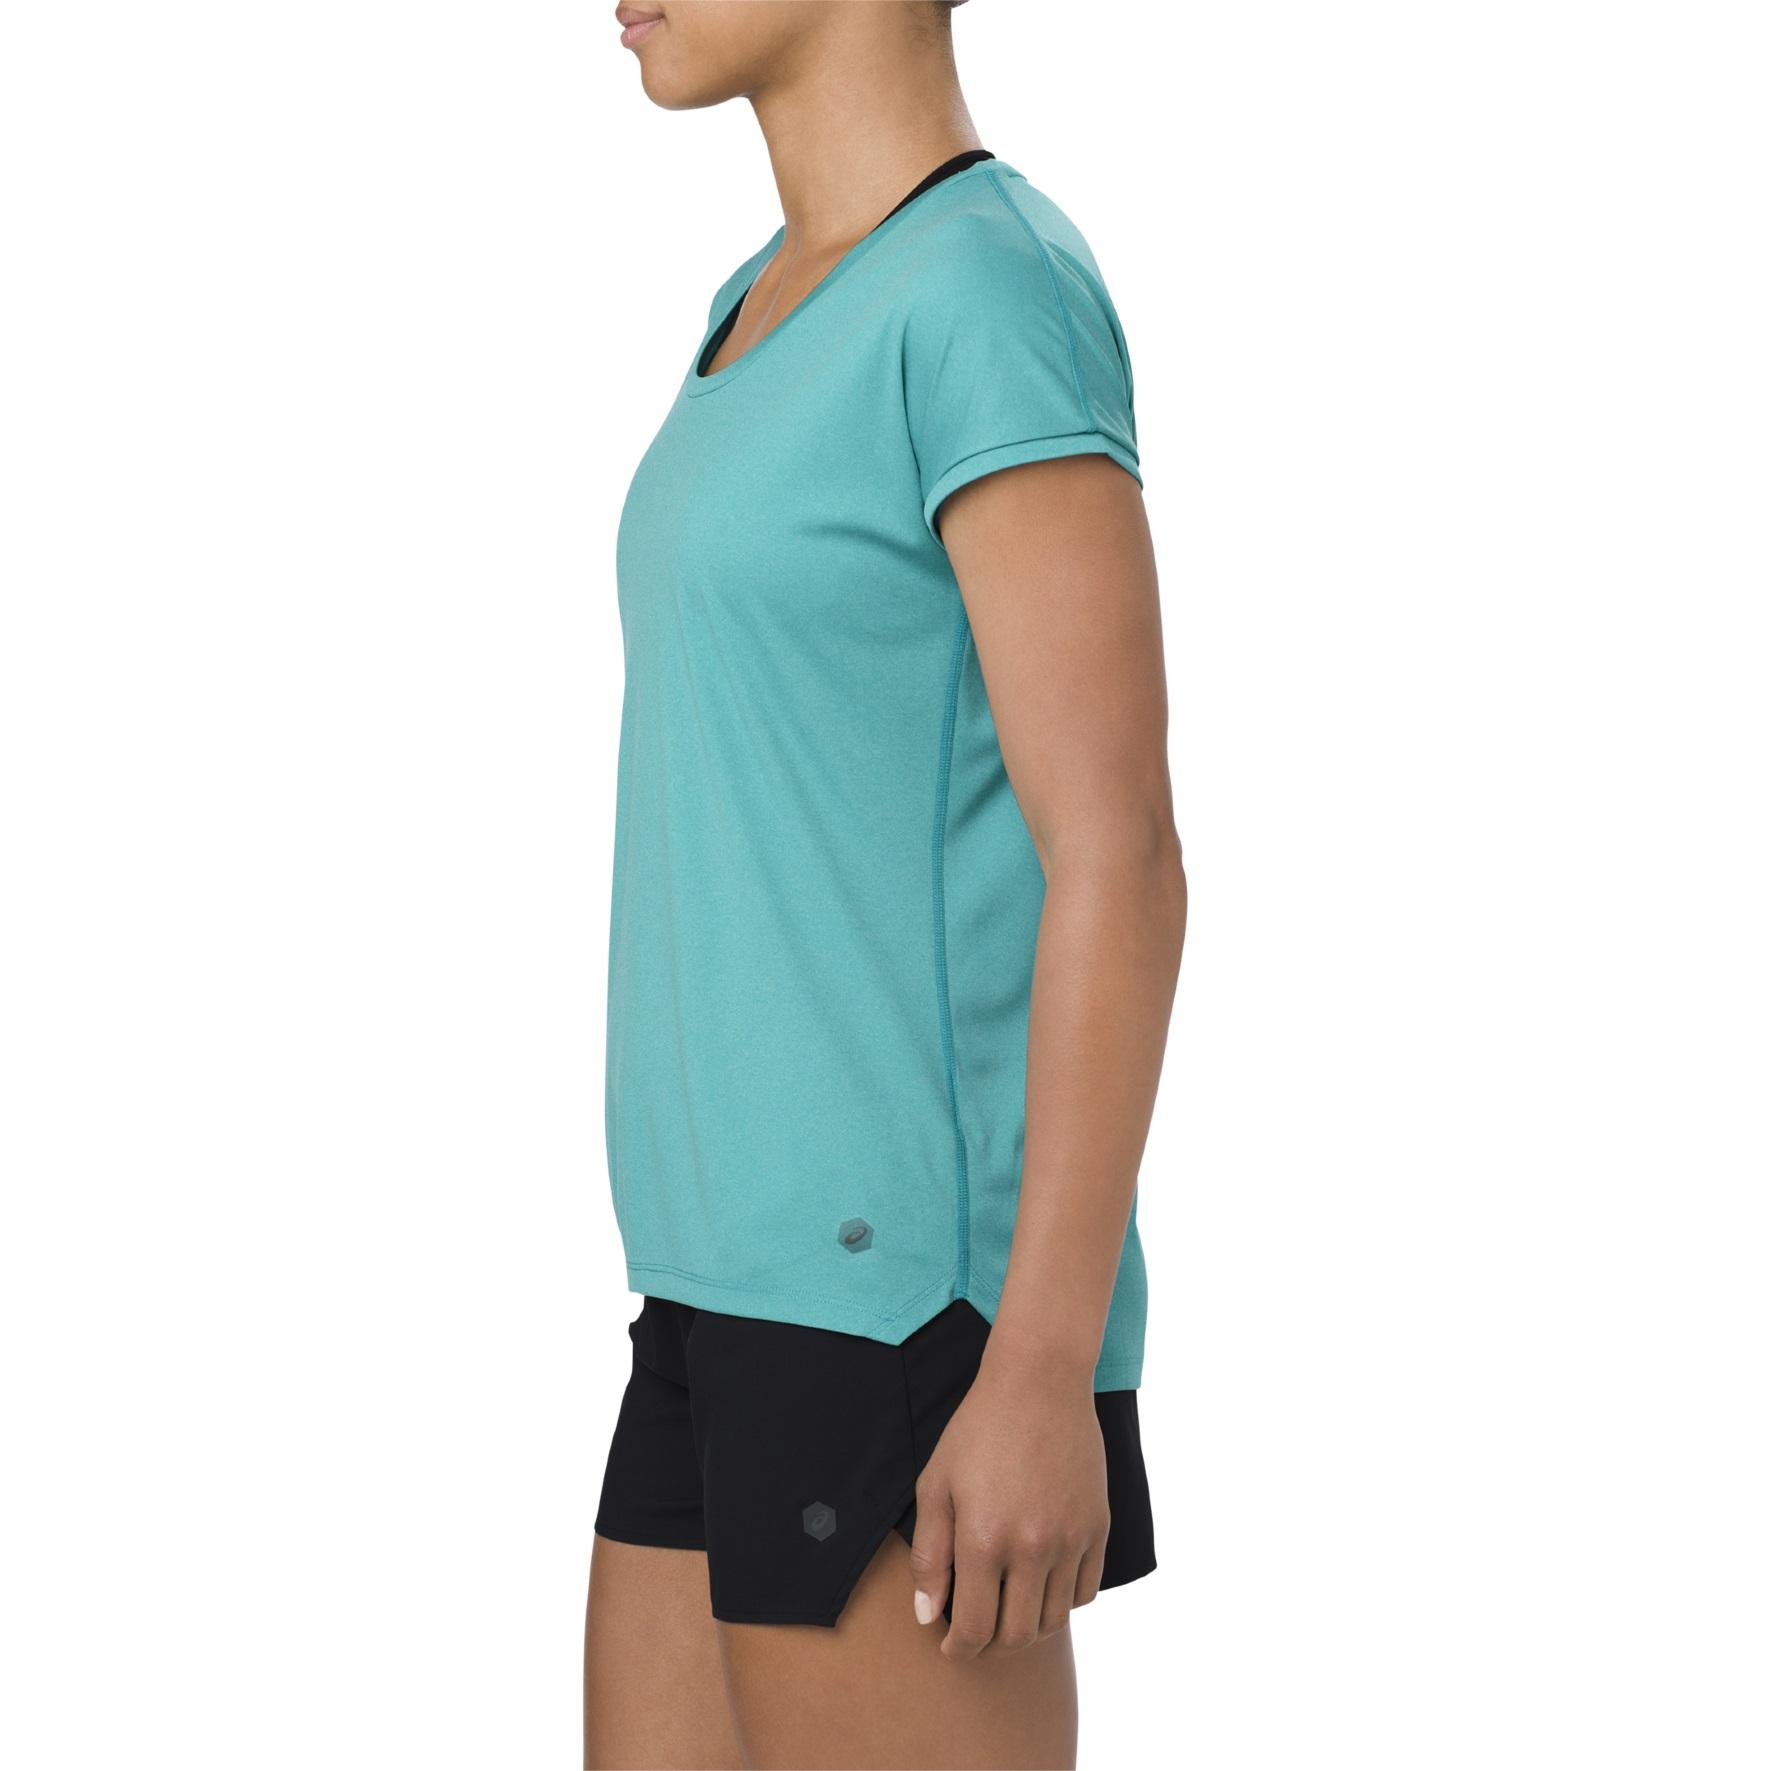 Asics Shirt Capsleeve 2018 türkis Damen